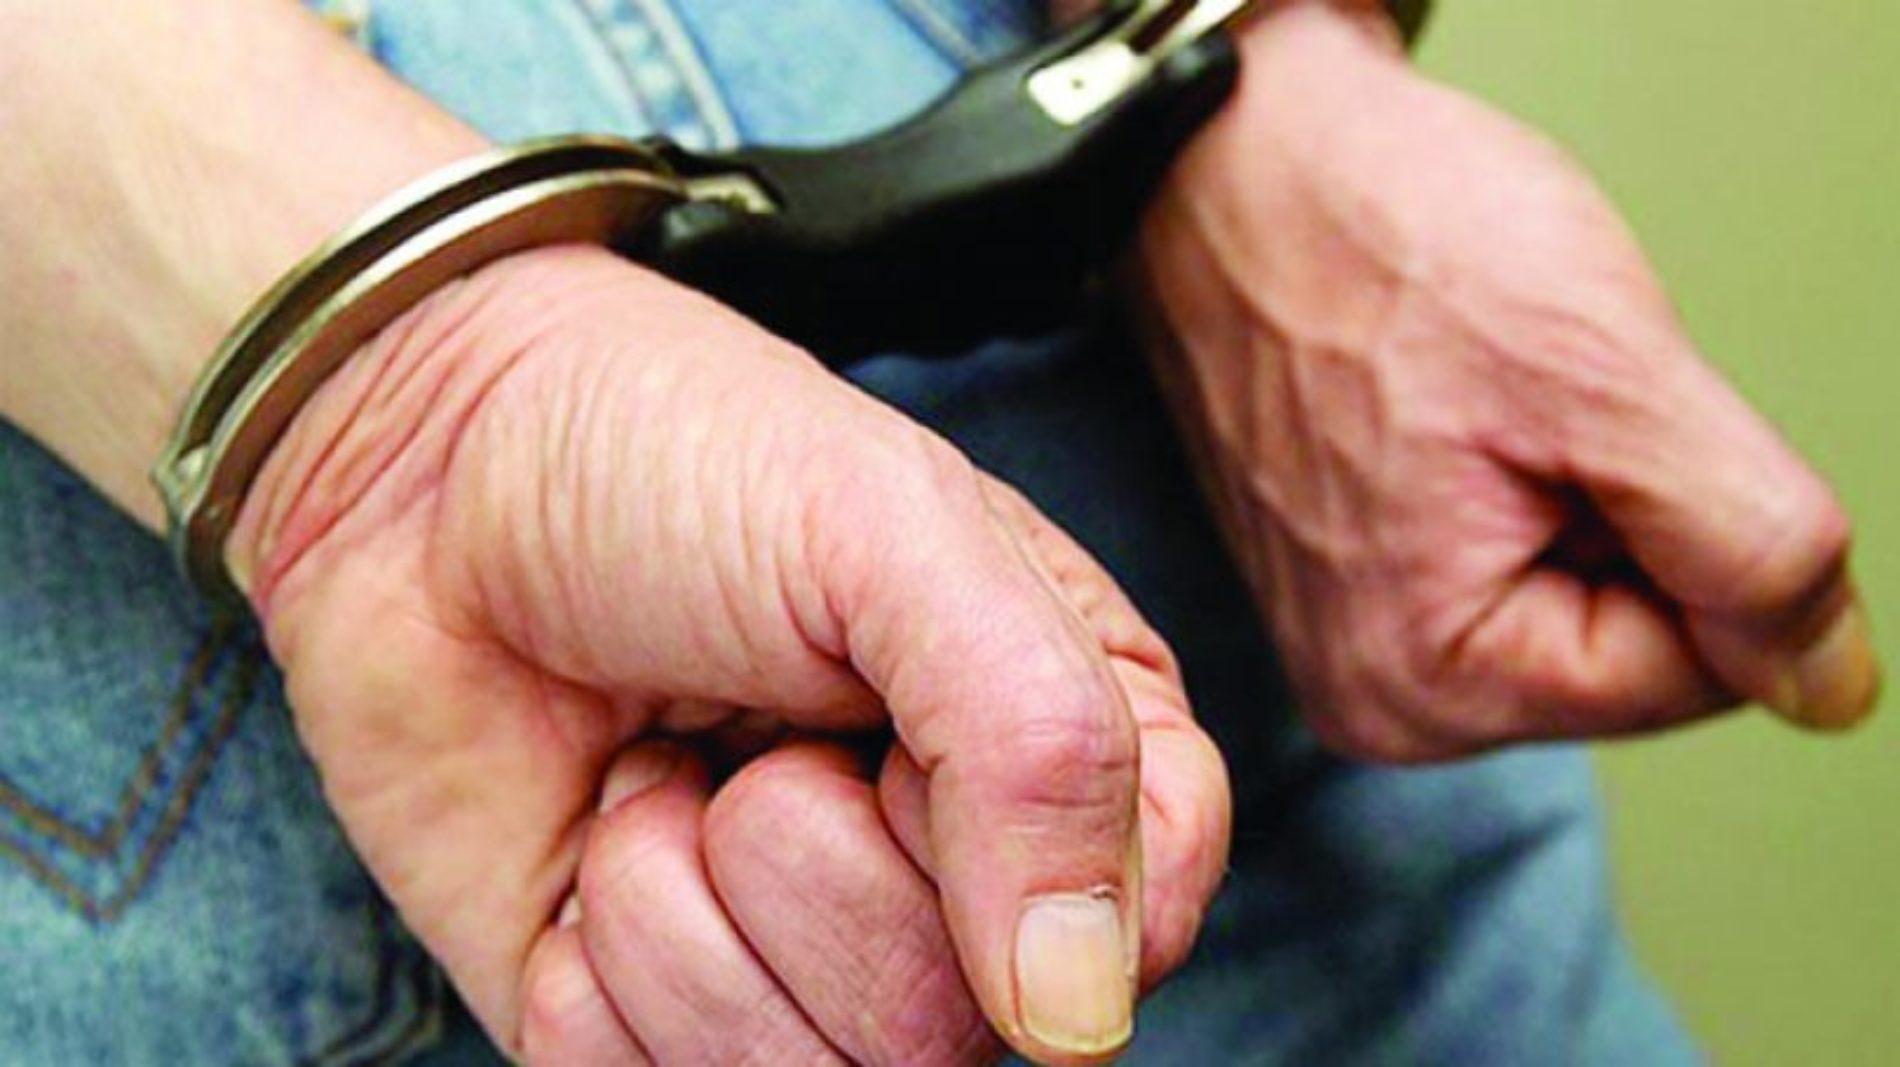 Homem detido por abuso sexual de crianças